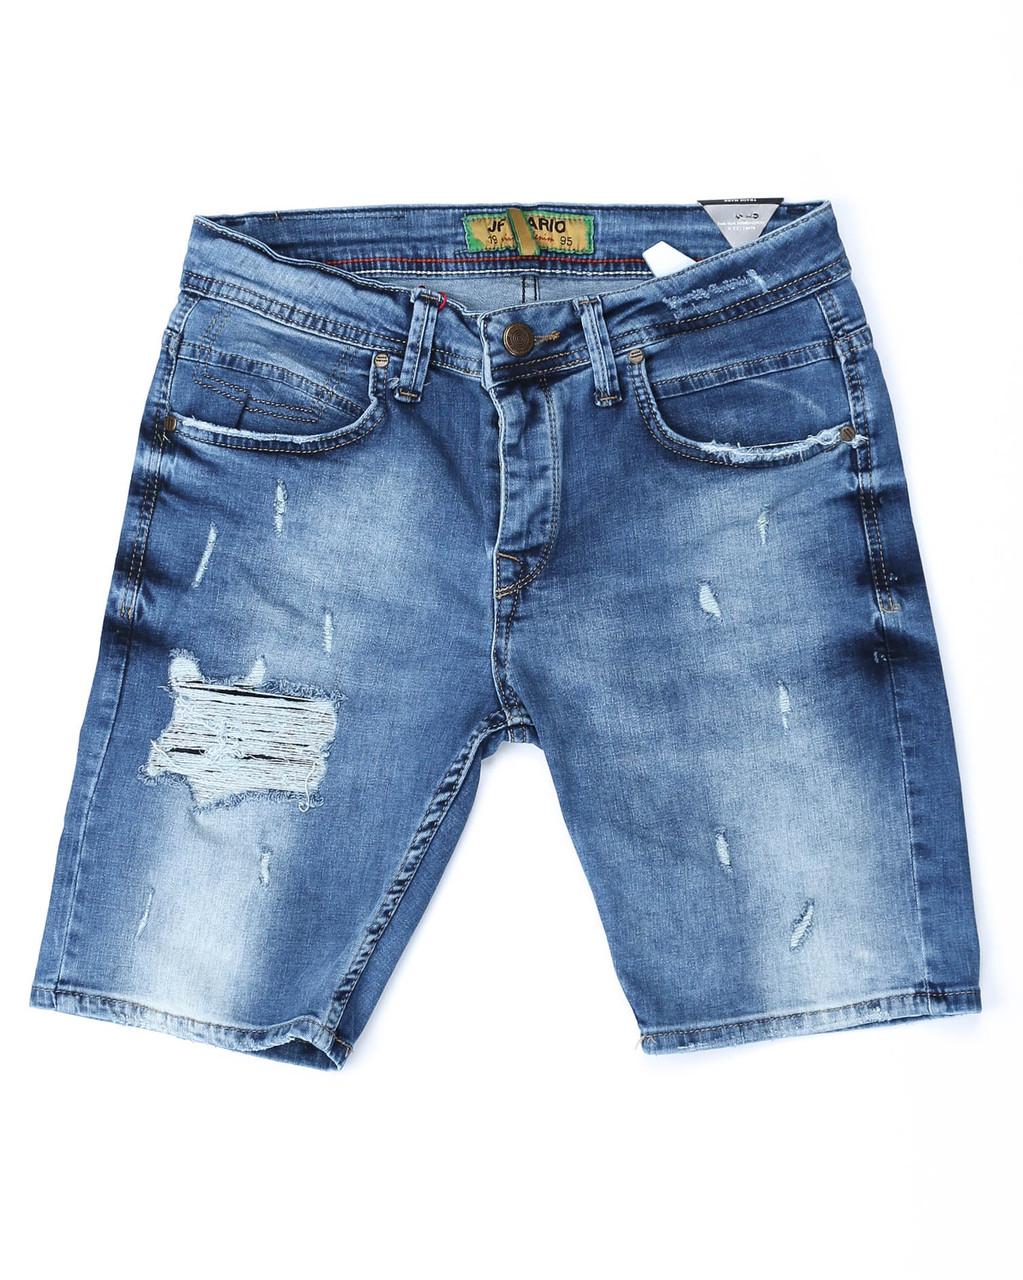 Шорты джинс MARIO рваные 29(Р) 0125